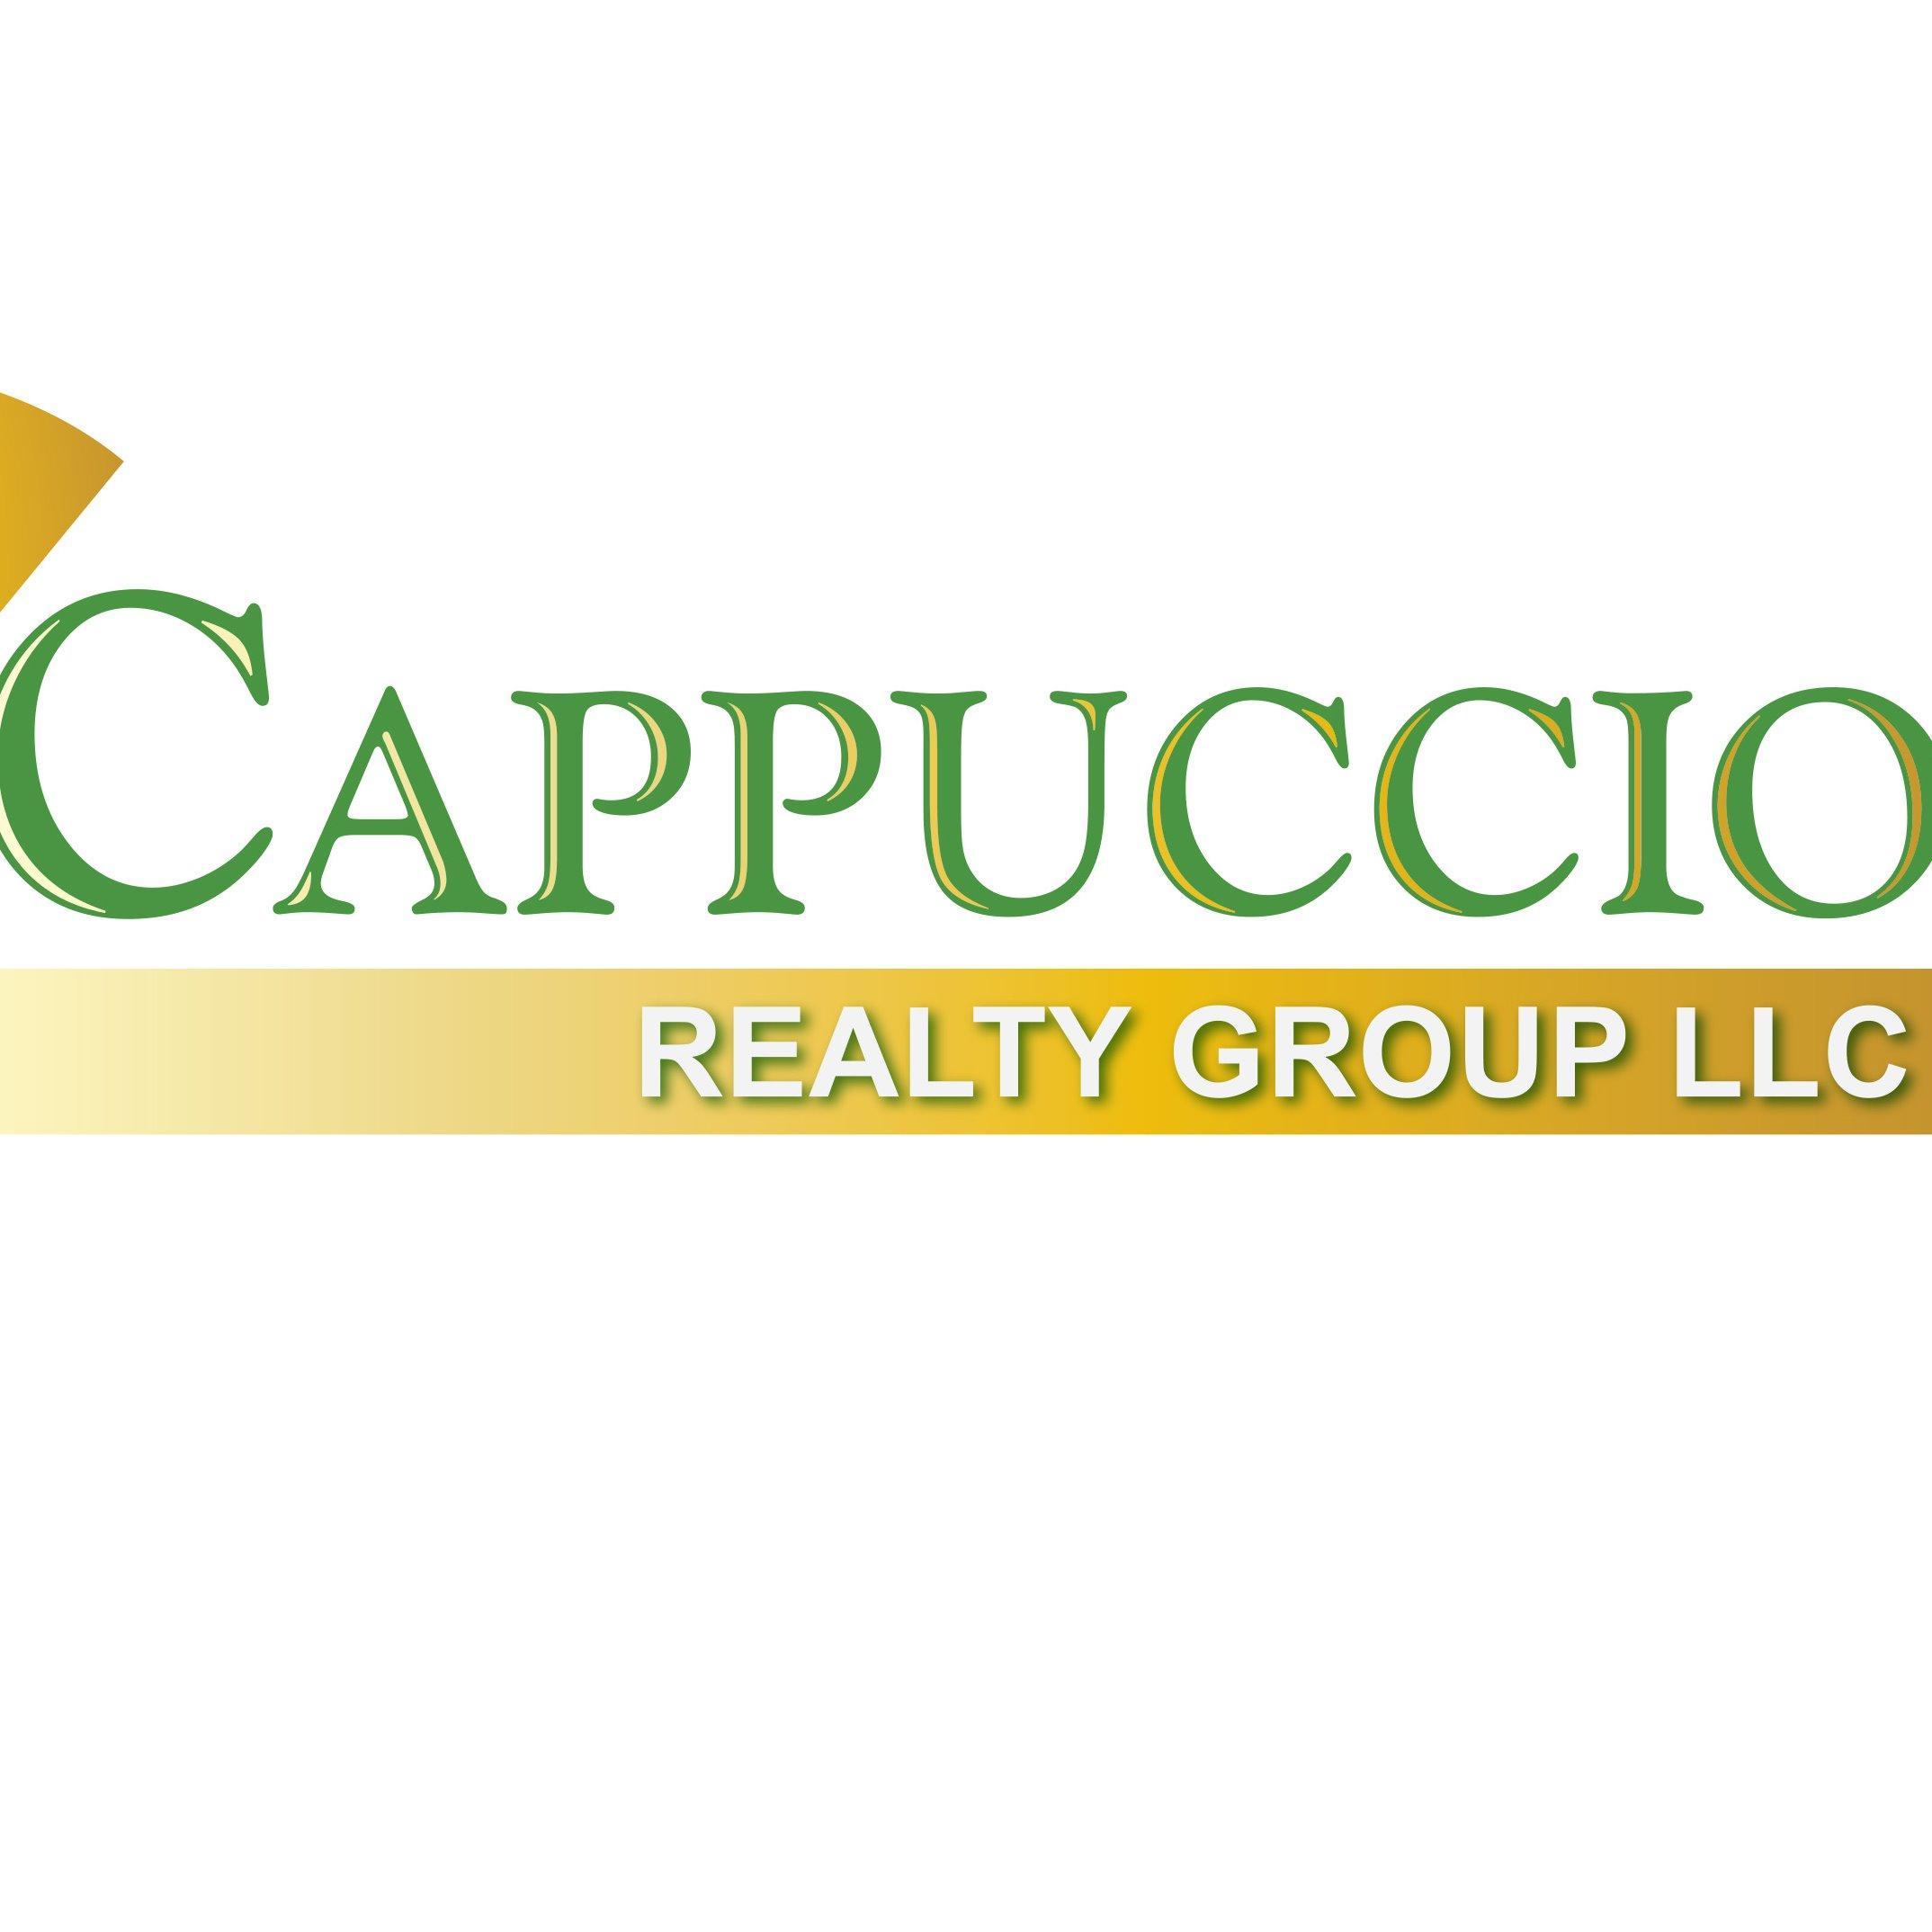 Cappuccio Realty Group